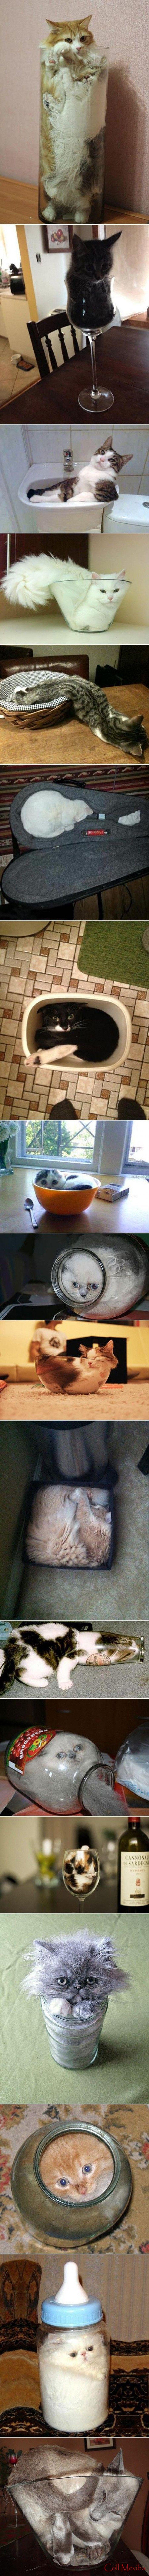 Cat in a jar